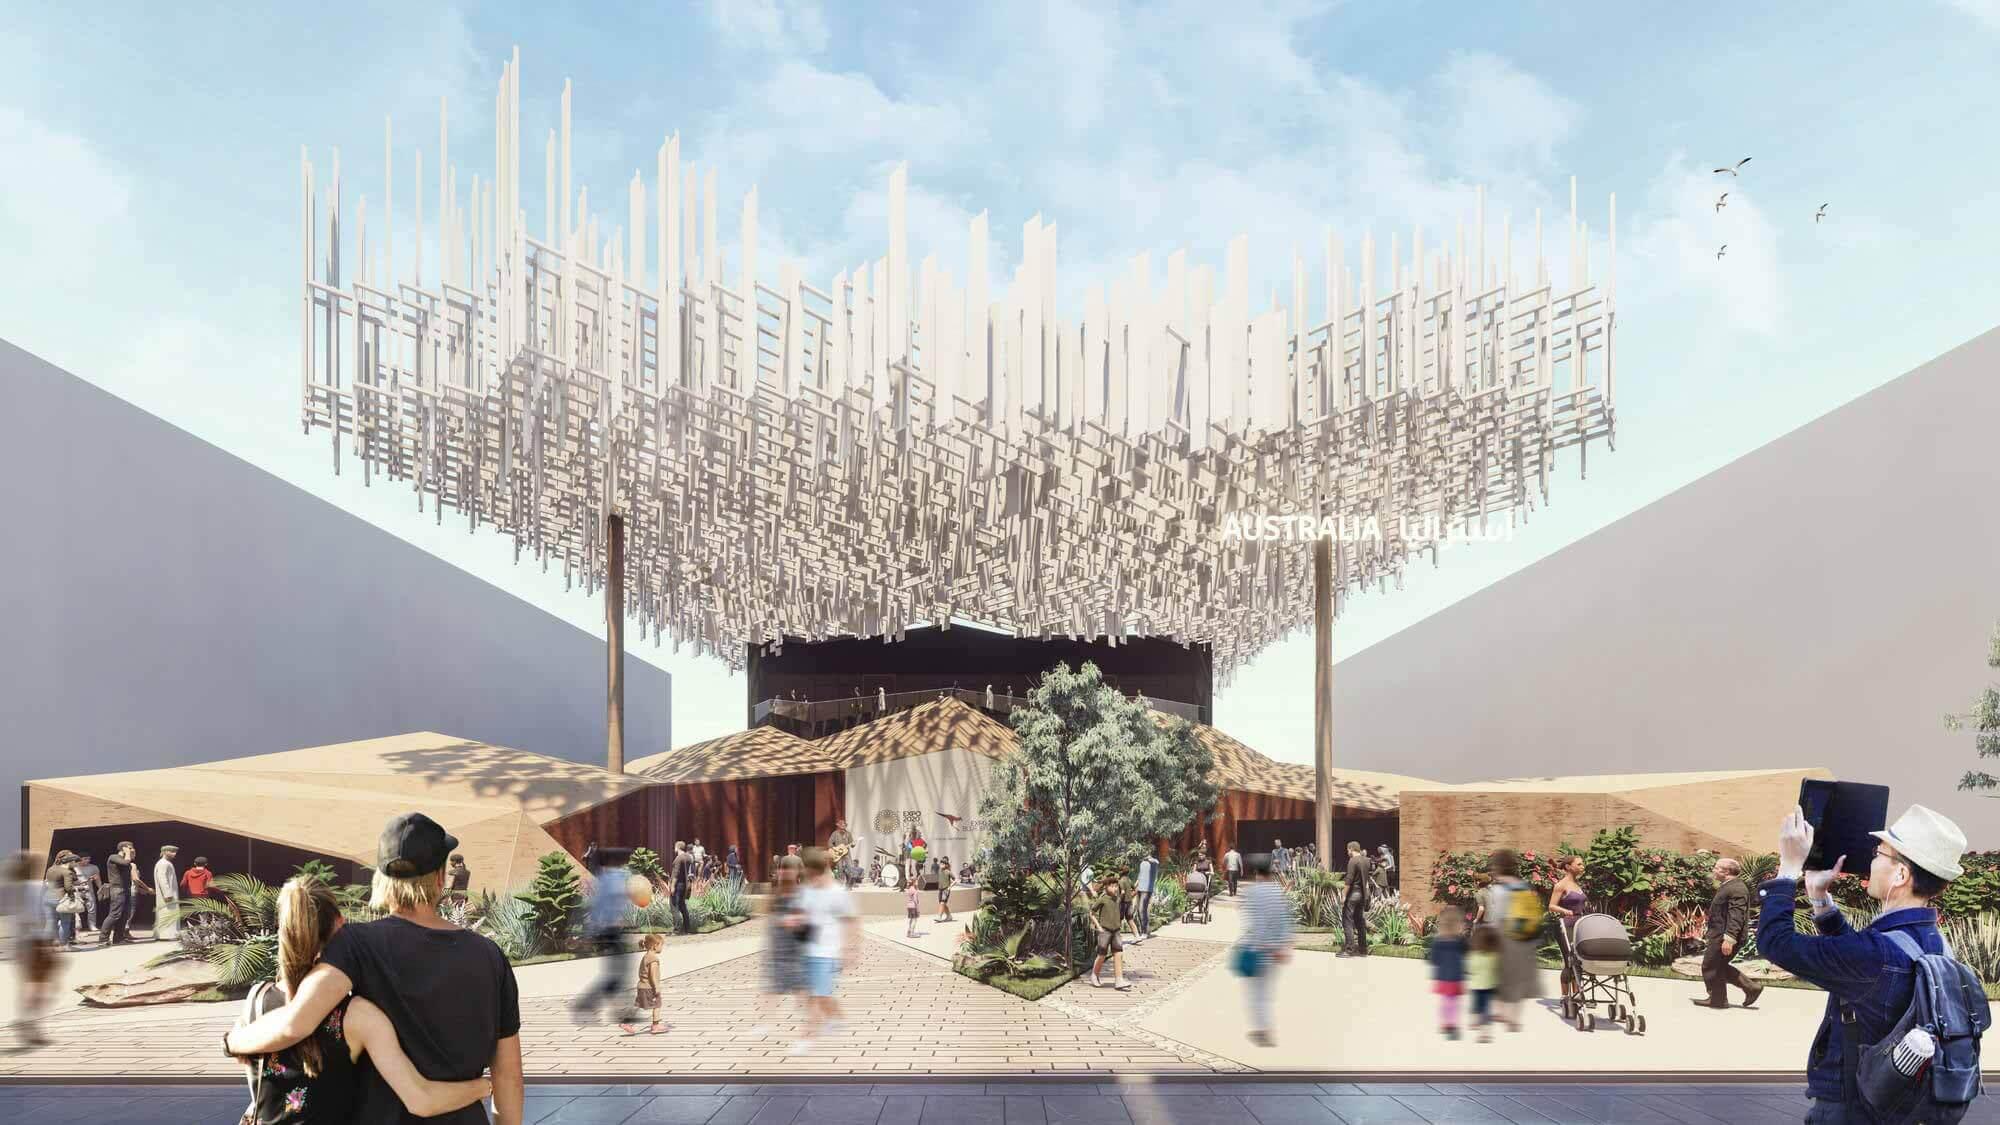 Австралийский павильон на выставке Expo 2020 Dubai отражает самобытную культуру и ландшафт страны